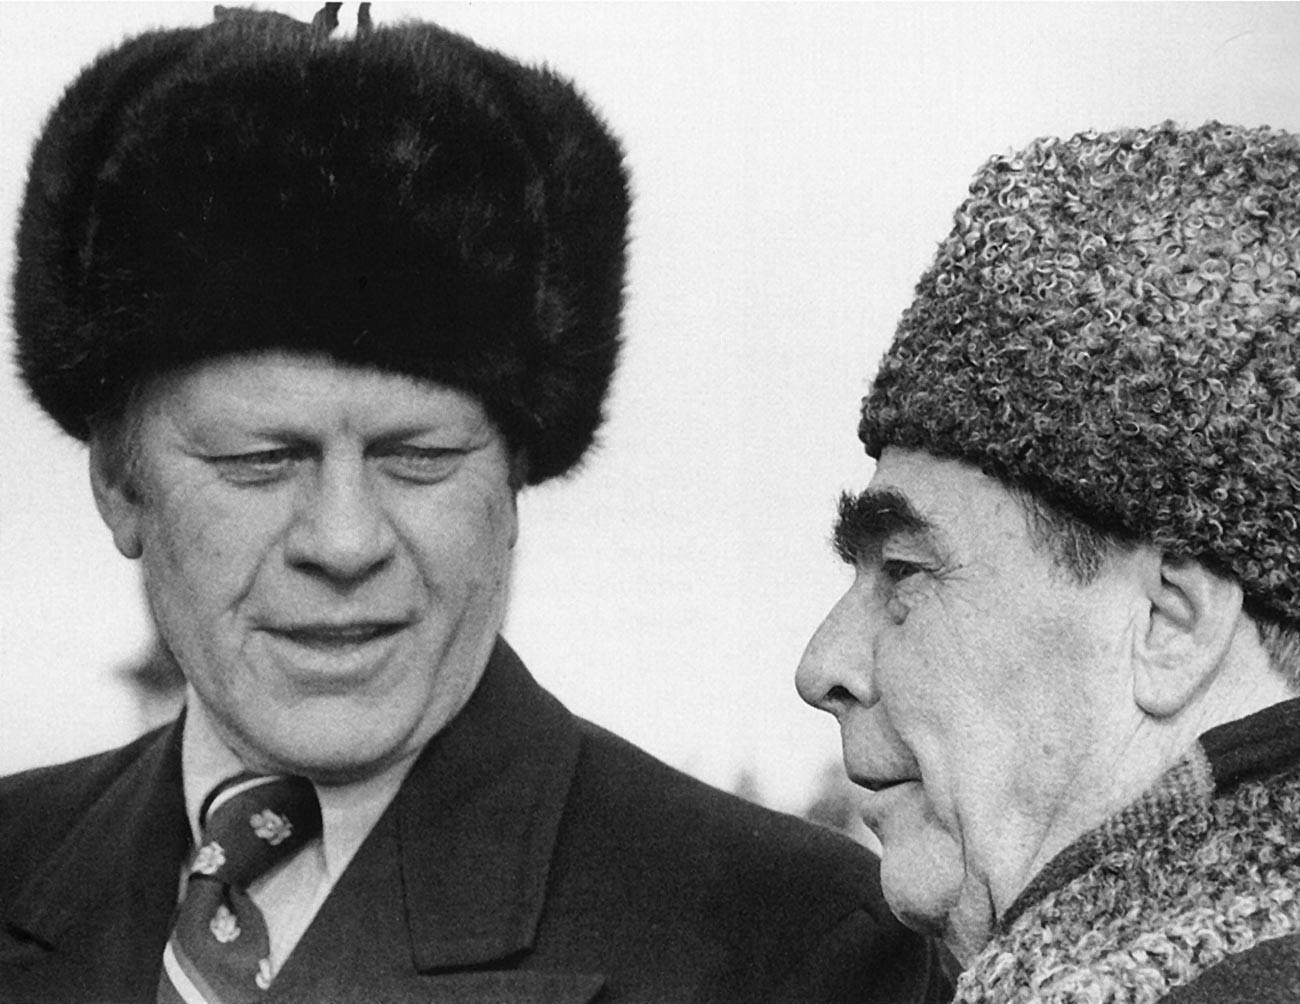 Амерички председник Џералд Р. Форд приликом сусрета са совјетским лидером Леонидом Брежњевом, 1974.